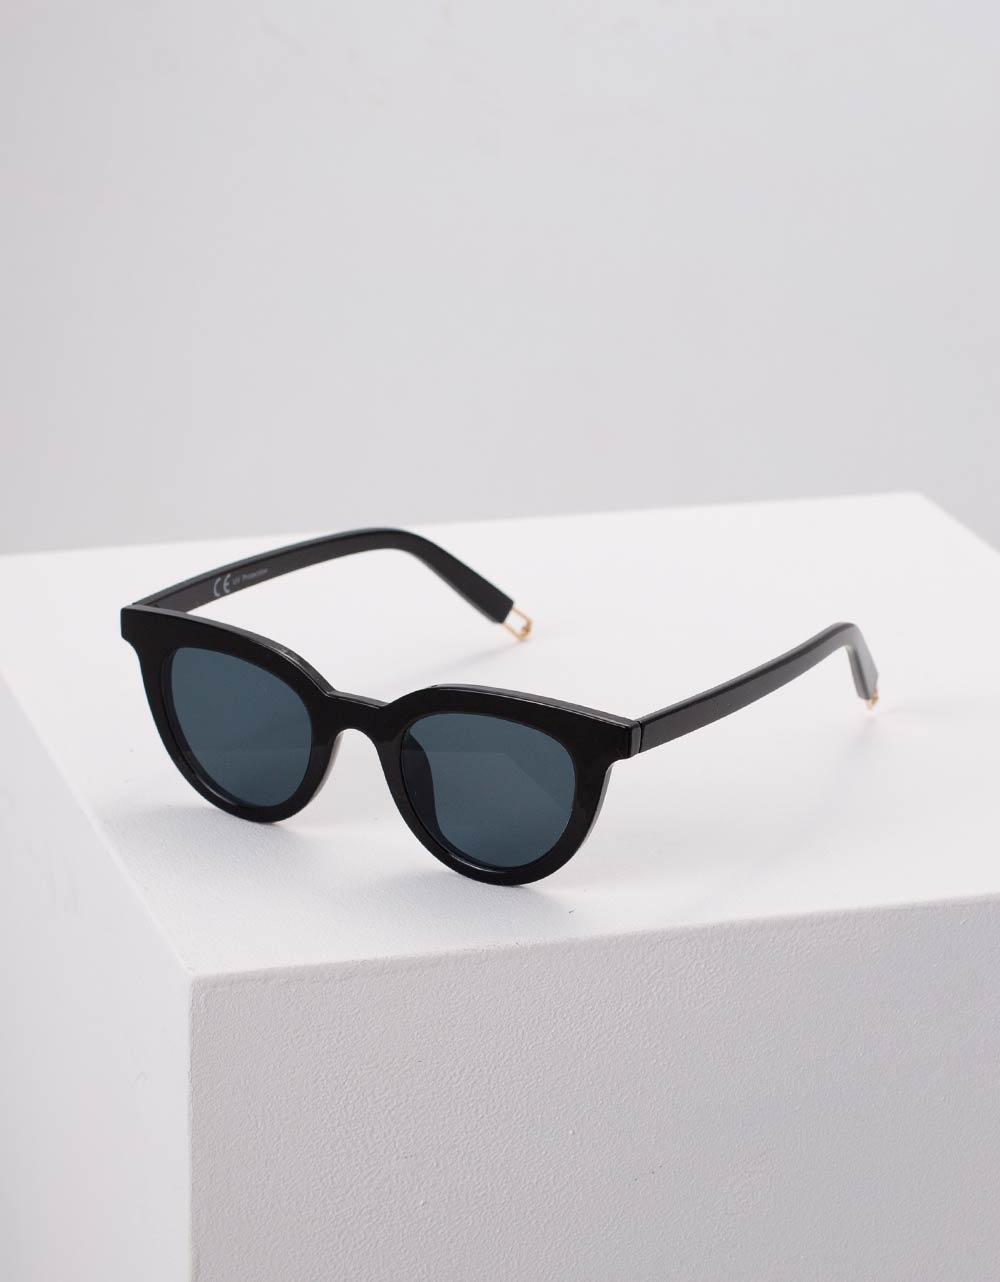 Εικόνα από Γυναικεία γυαλιά ηλίου μονόχρωμα Μαύρο